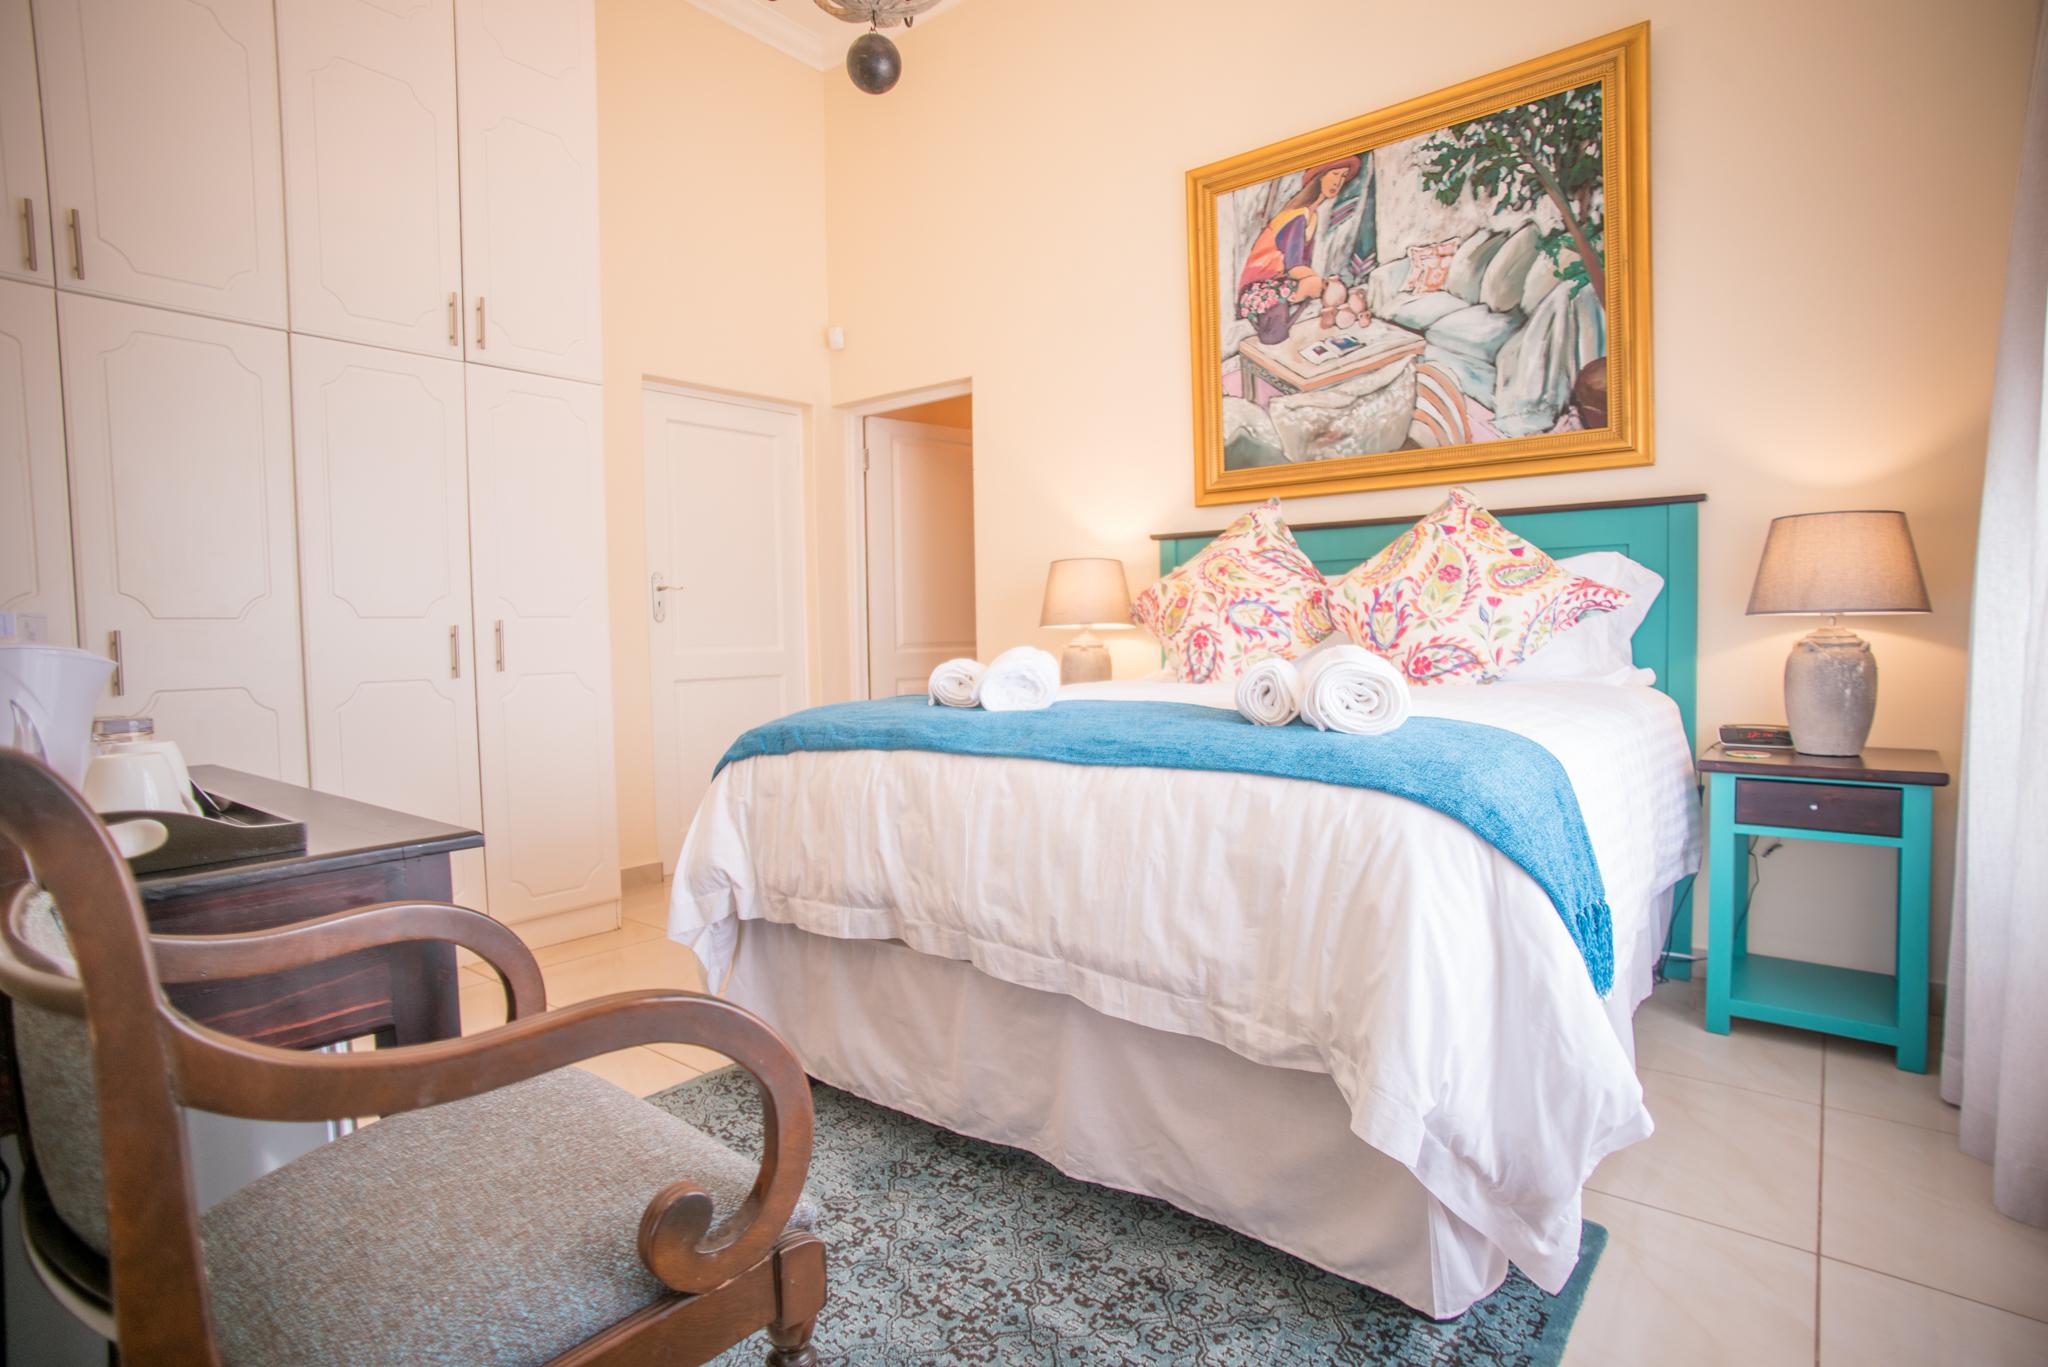 Olivers Bed & Breakfast - Oliver Room 1